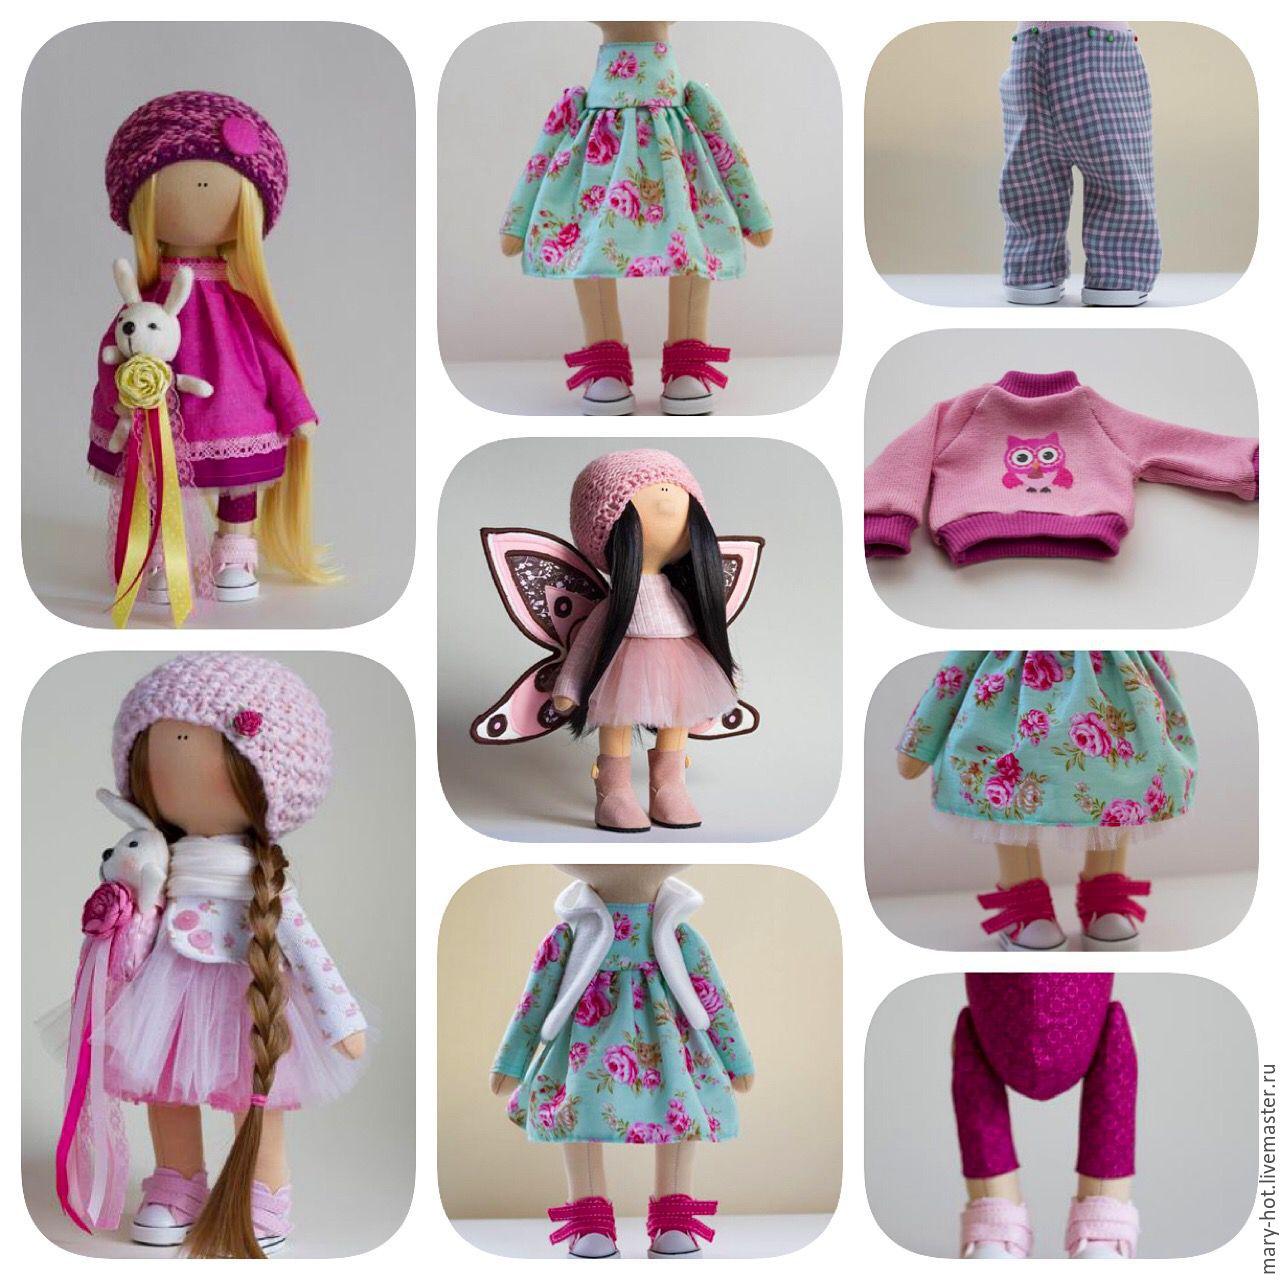 Как сшить куклу? Куклы 93